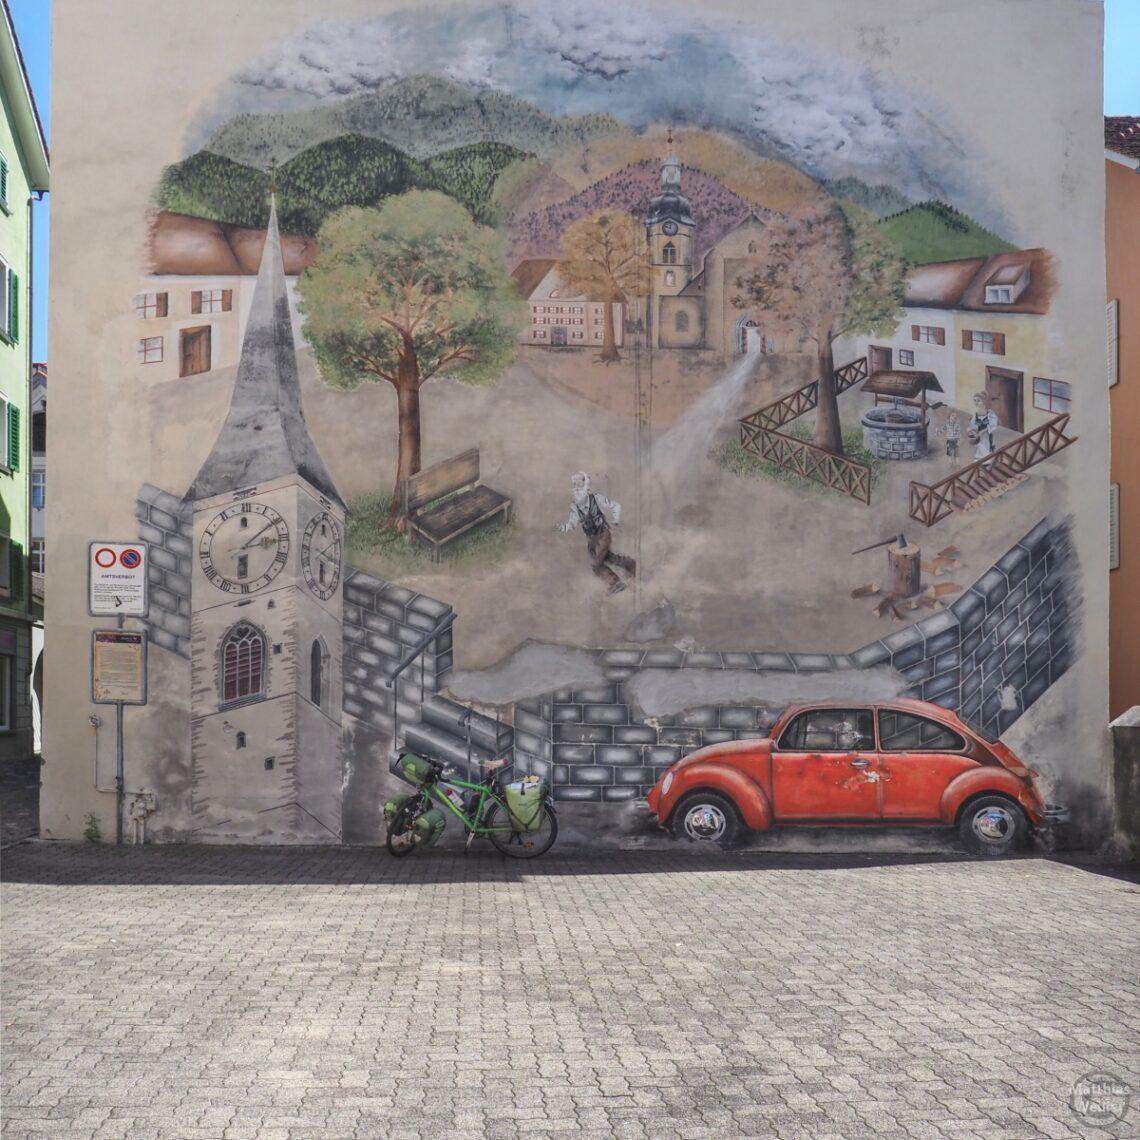 Fassadenbild mit Geschichtshintergrund der Stadt Chur, gemalter VW-Käder rot, grünes Reisevelo real